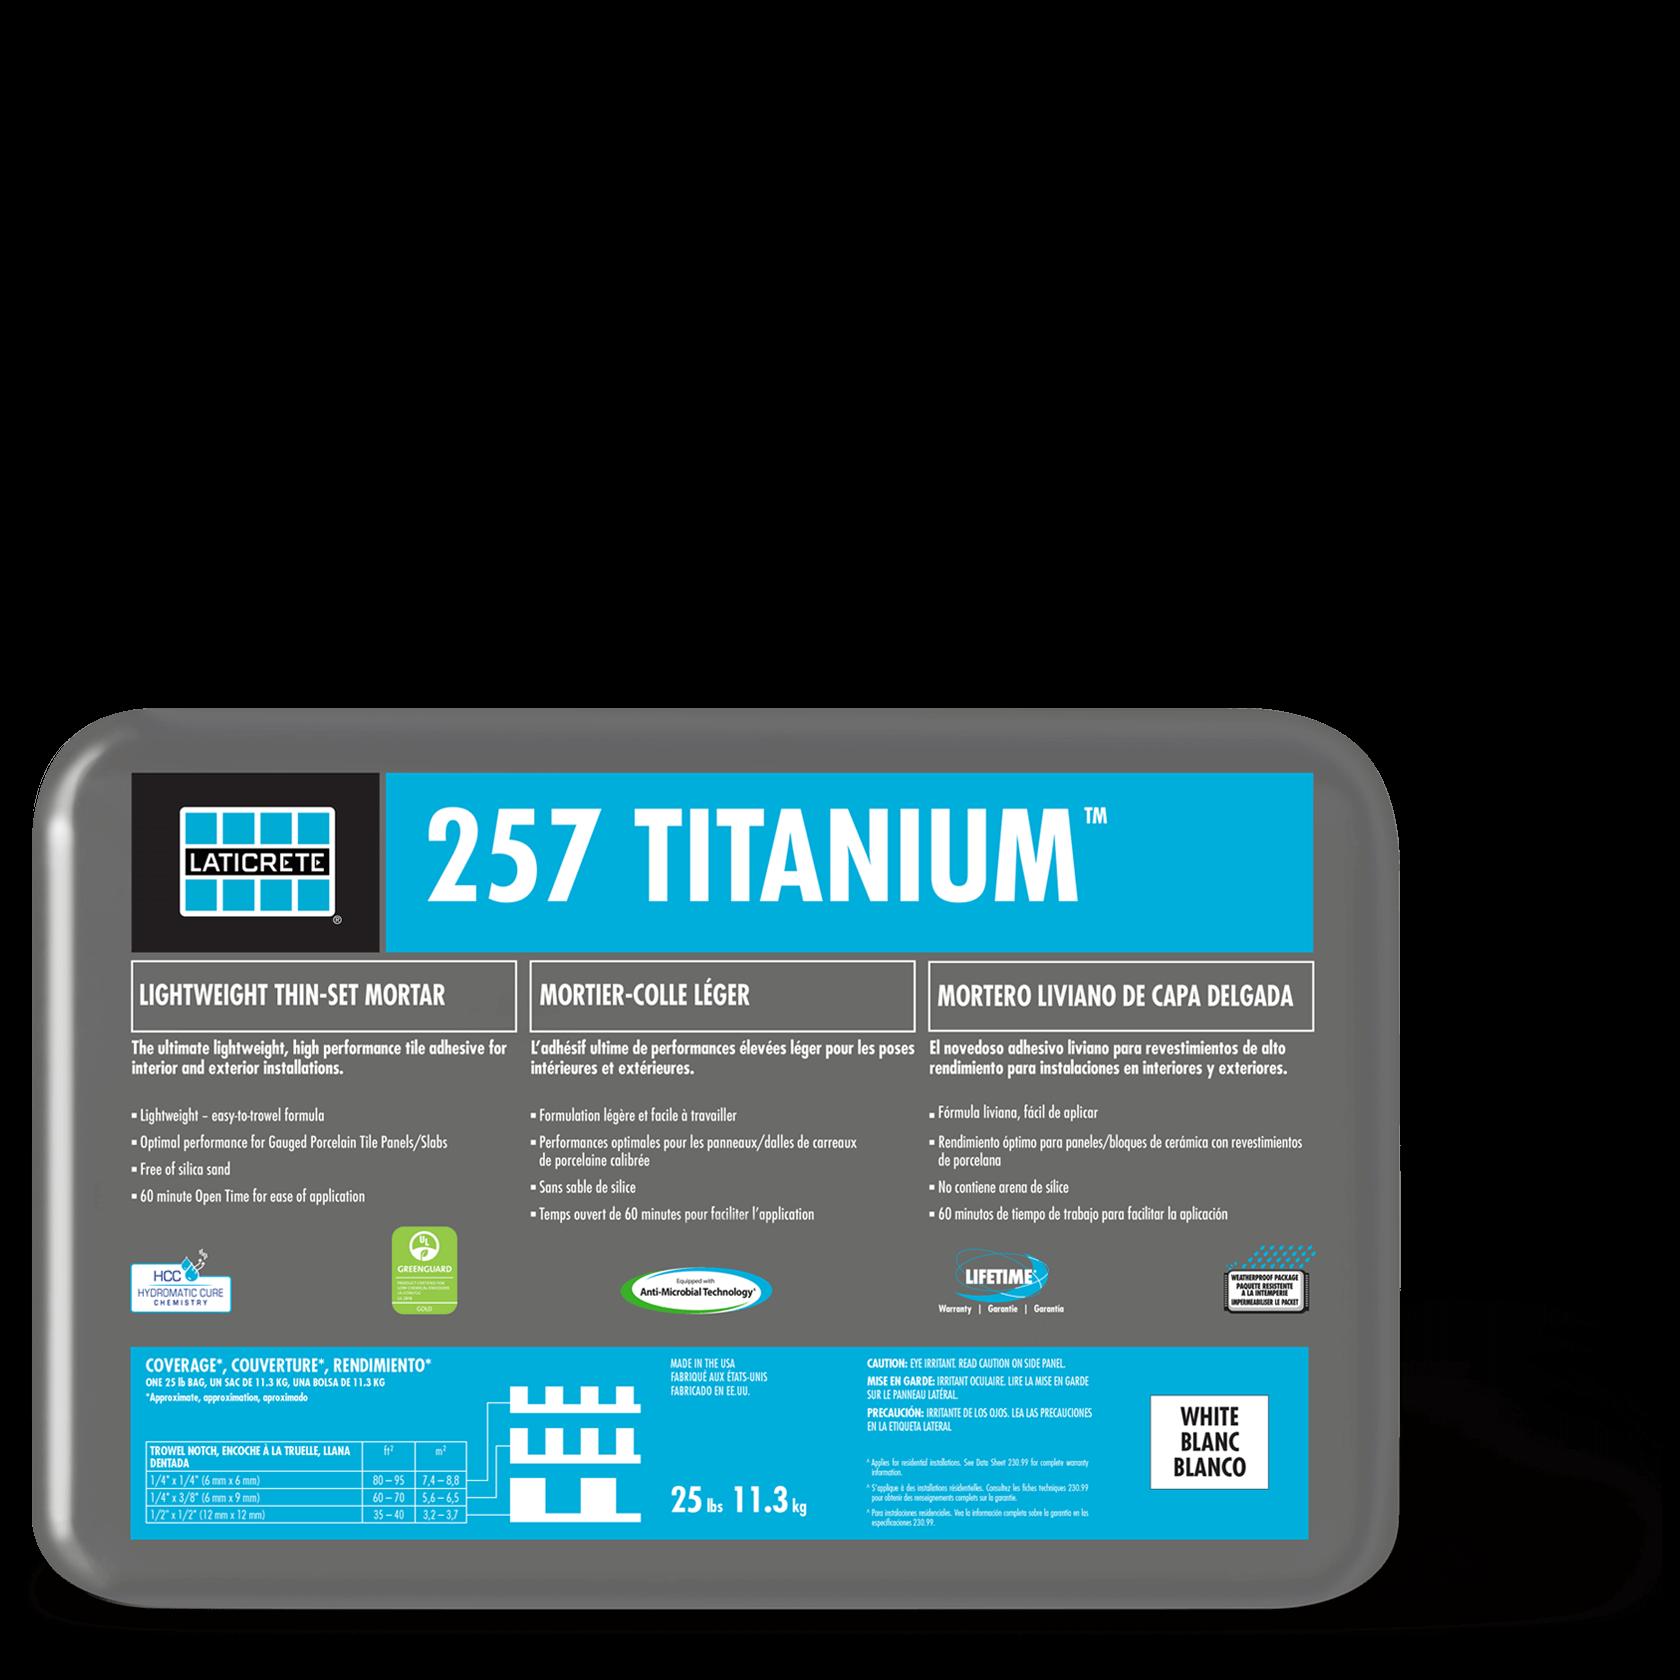 257 Titanium